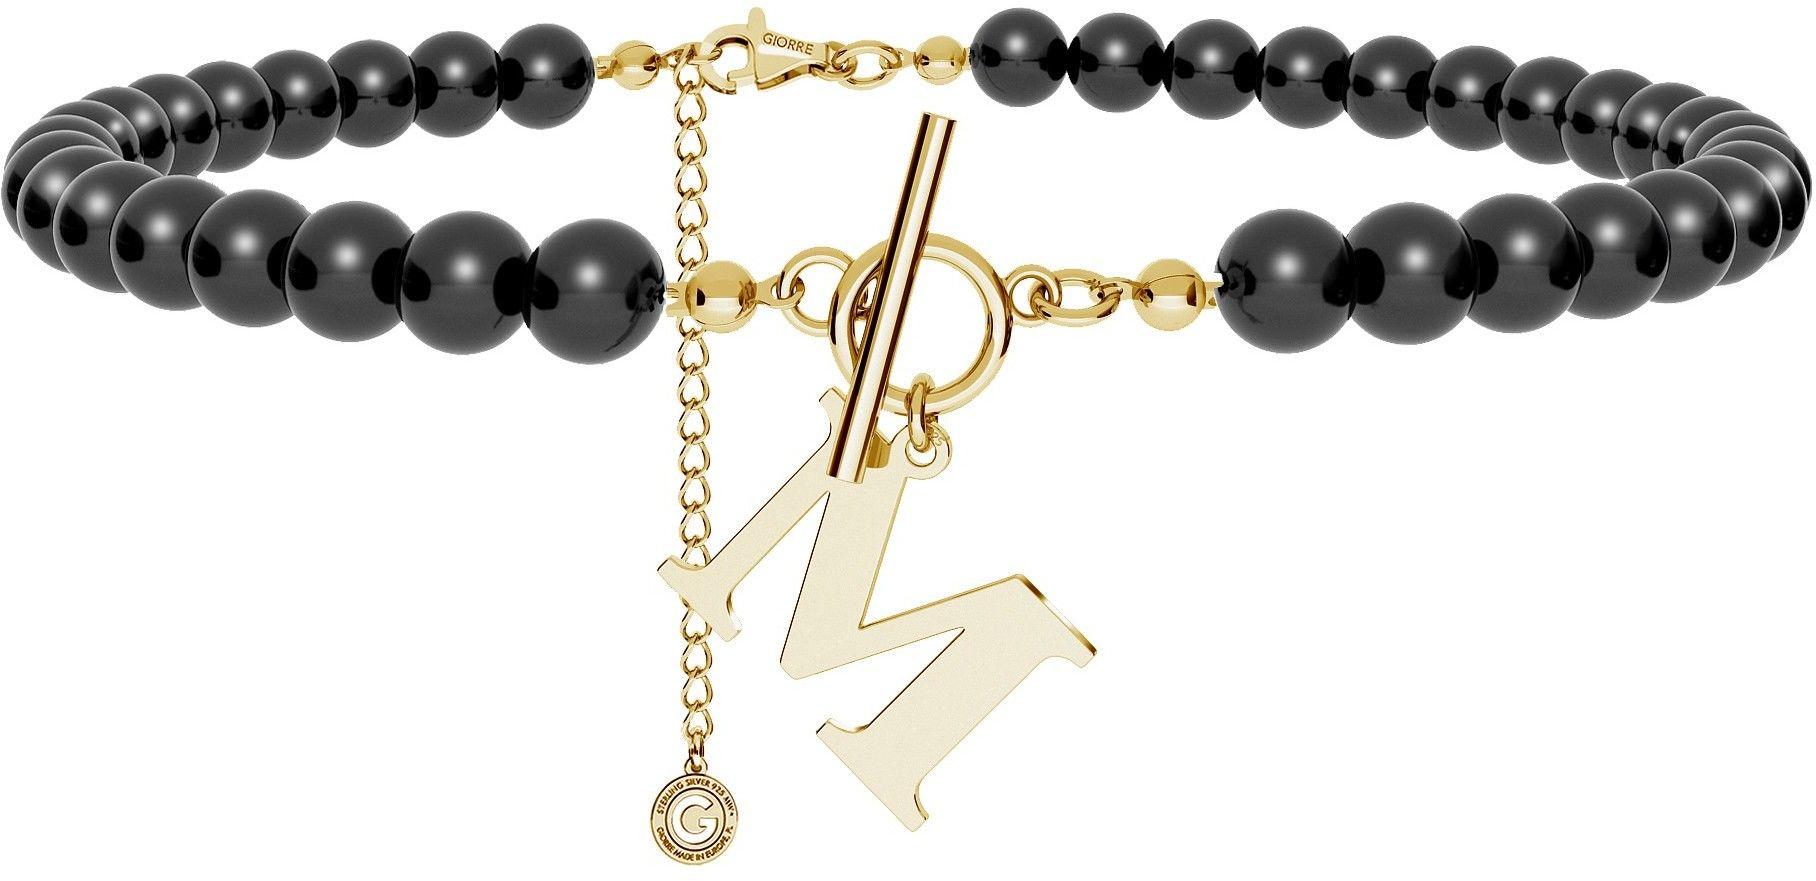 Czarny perłowy choker z dowolną literą, Swarovski, srebro 925 : Litera - F, Srebro - kolor pokrycia - Pokrycie żółtym 18K złotem